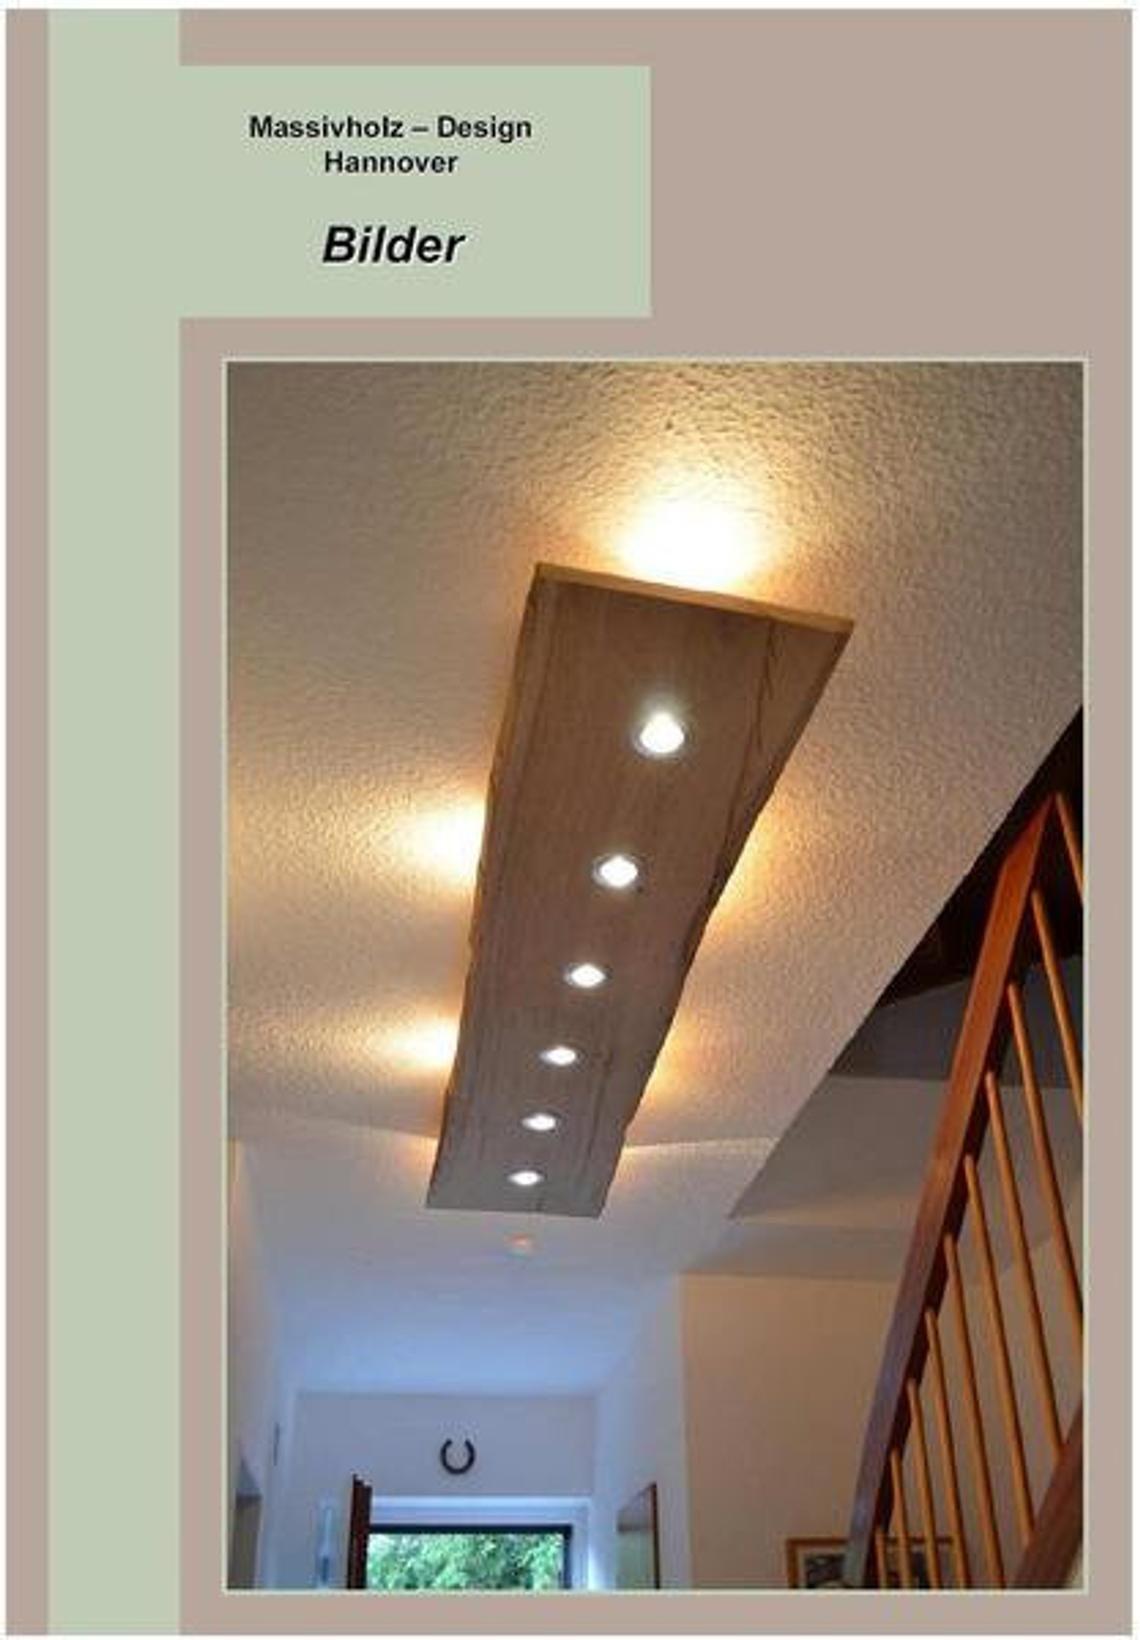 Full Size of Lampe Wohnzimmer Massiv Holz Design Decken Led In 2019 Lampen Deckenlampe Spiegellampe Bad Badezimmer Decke Deckenlampen Wandtattoos Deckenstrahler Rollo Wohnzimmer Lampe Wohnzimmer